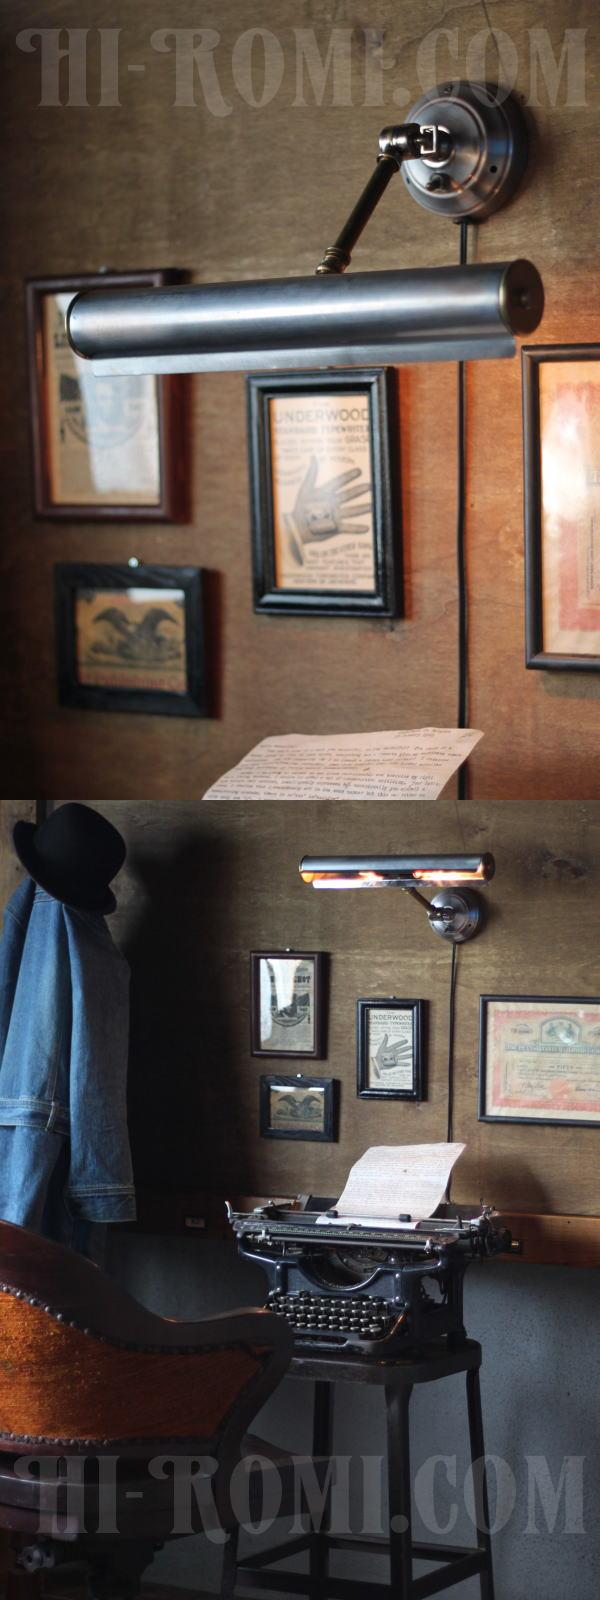 ヴィンテージ工業系2灯角度調整付ウォールブラケット・壁掛ピクチャーライト/アンティーク照明